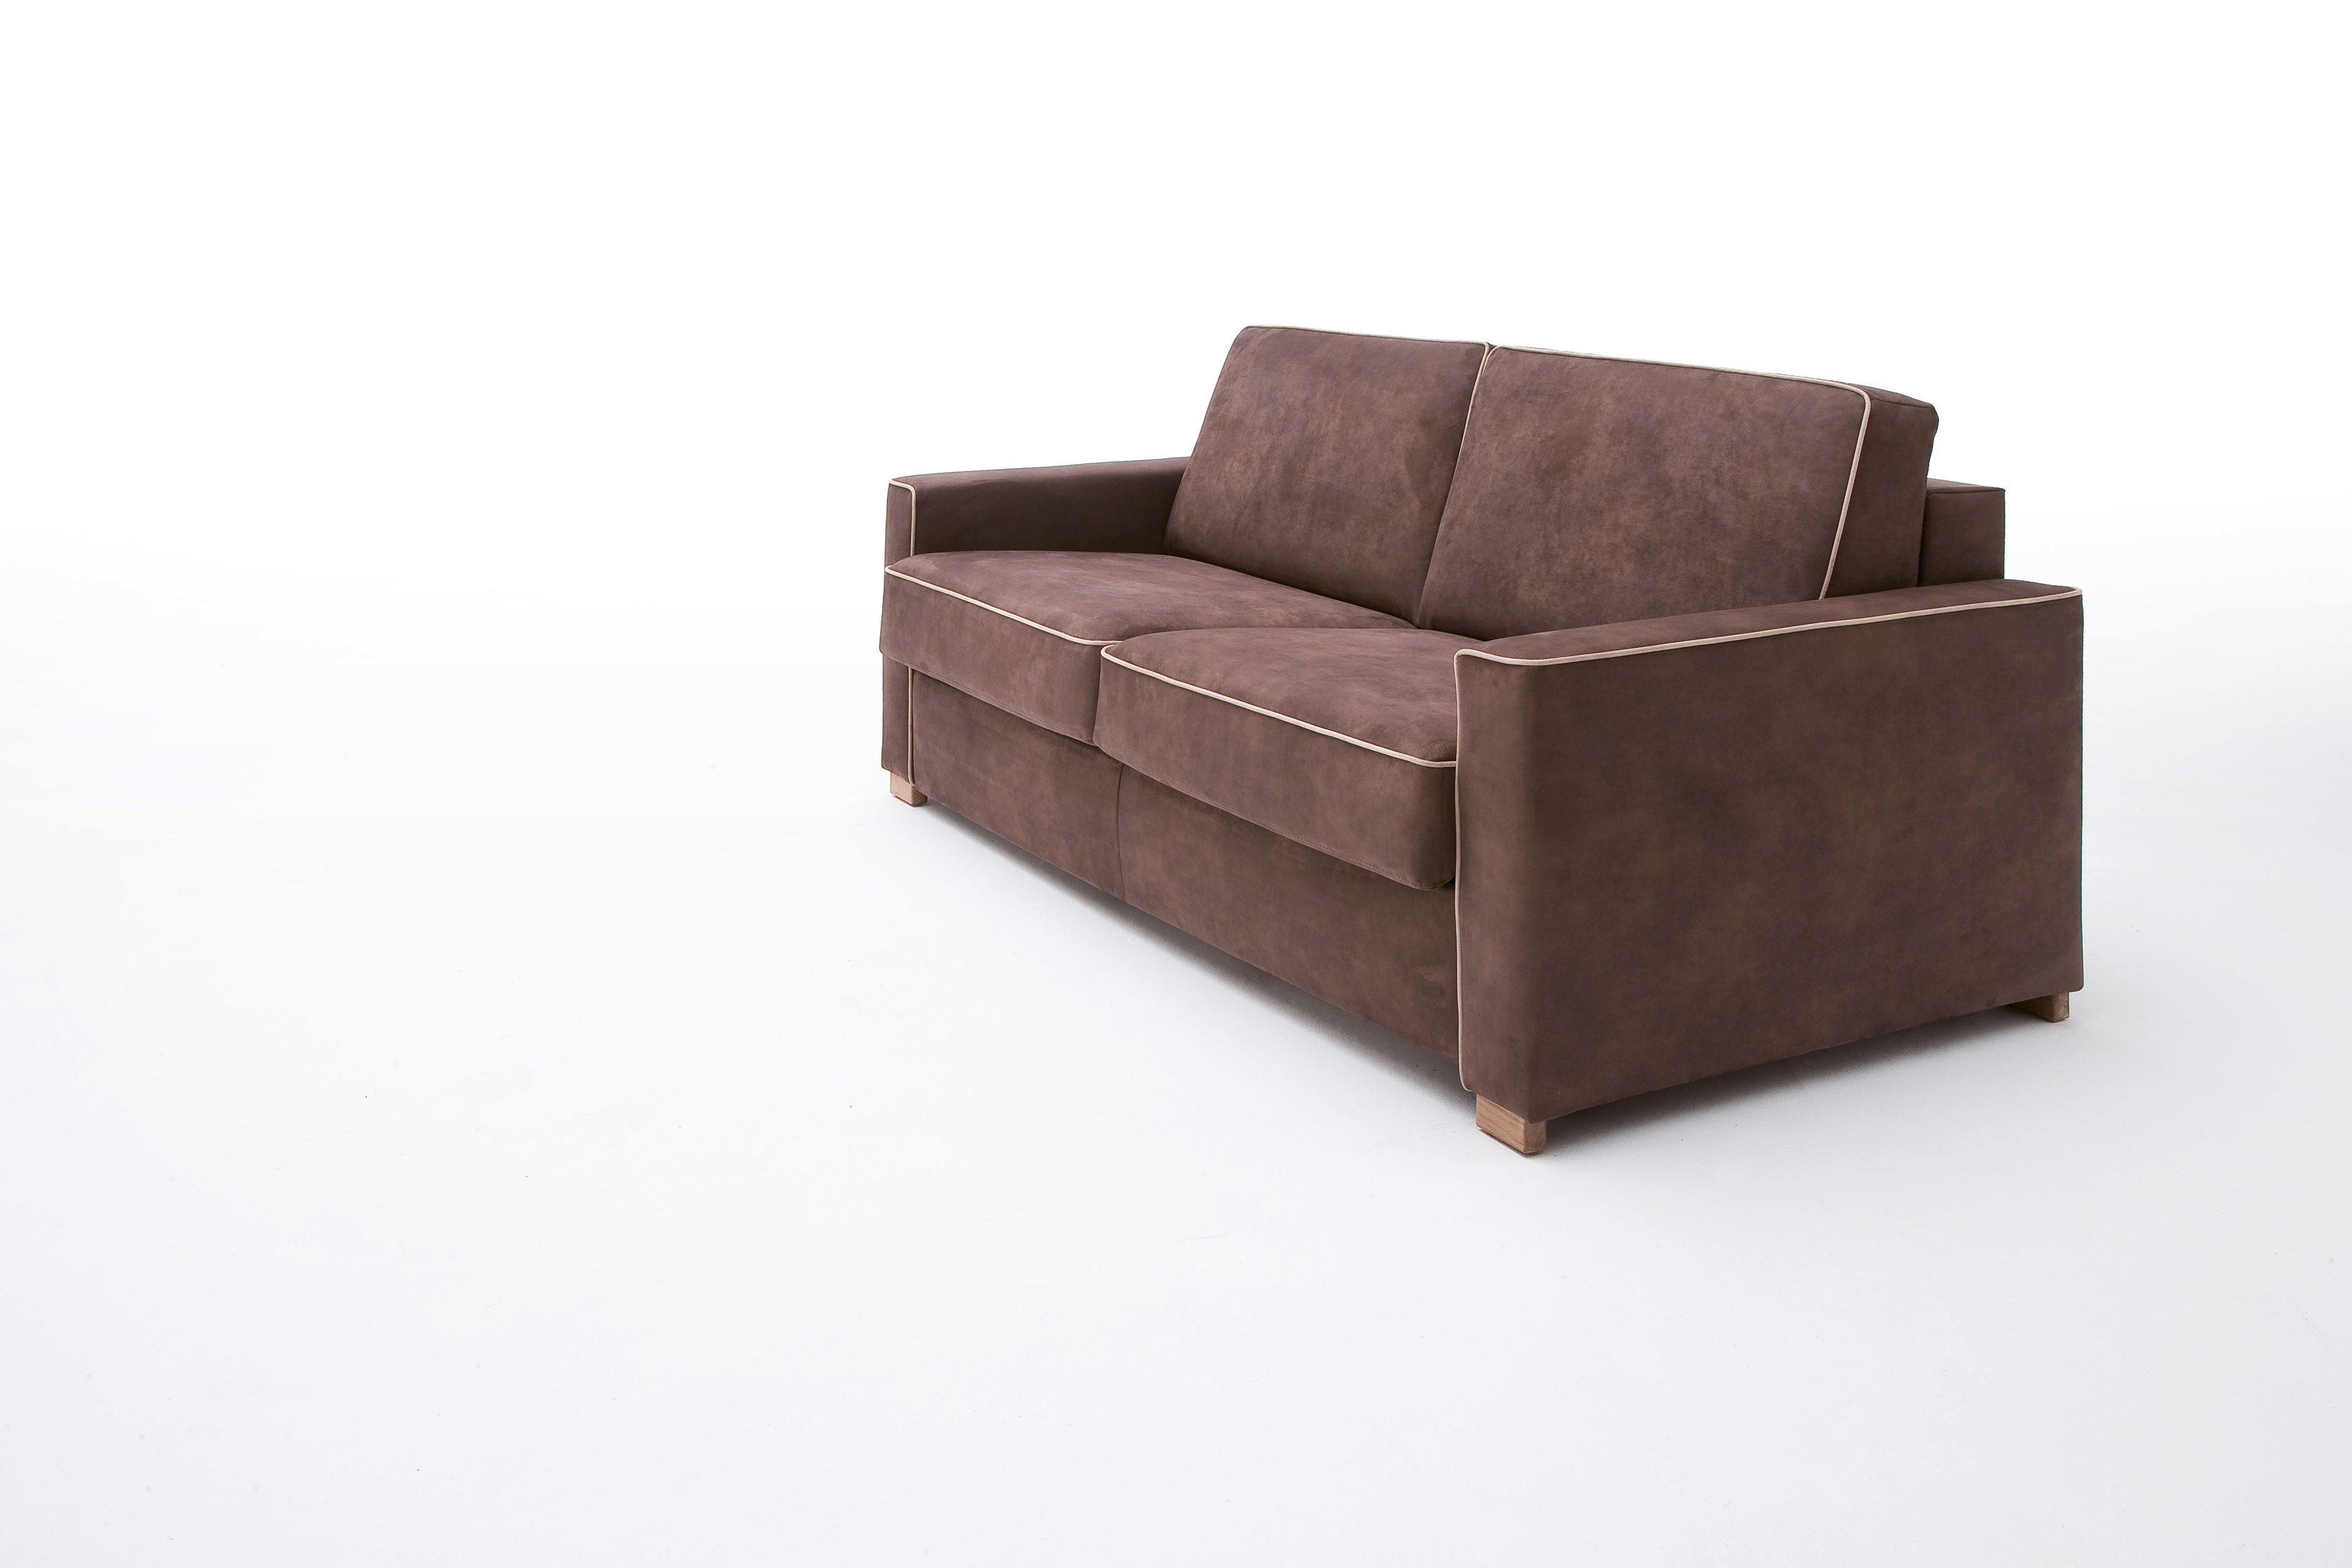 schlafsofa braun microfaser coole bettdecken pomp s bettw sche dschungel kleiner prinz. Black Bedroom Furniture Sets. Home Design Ideas